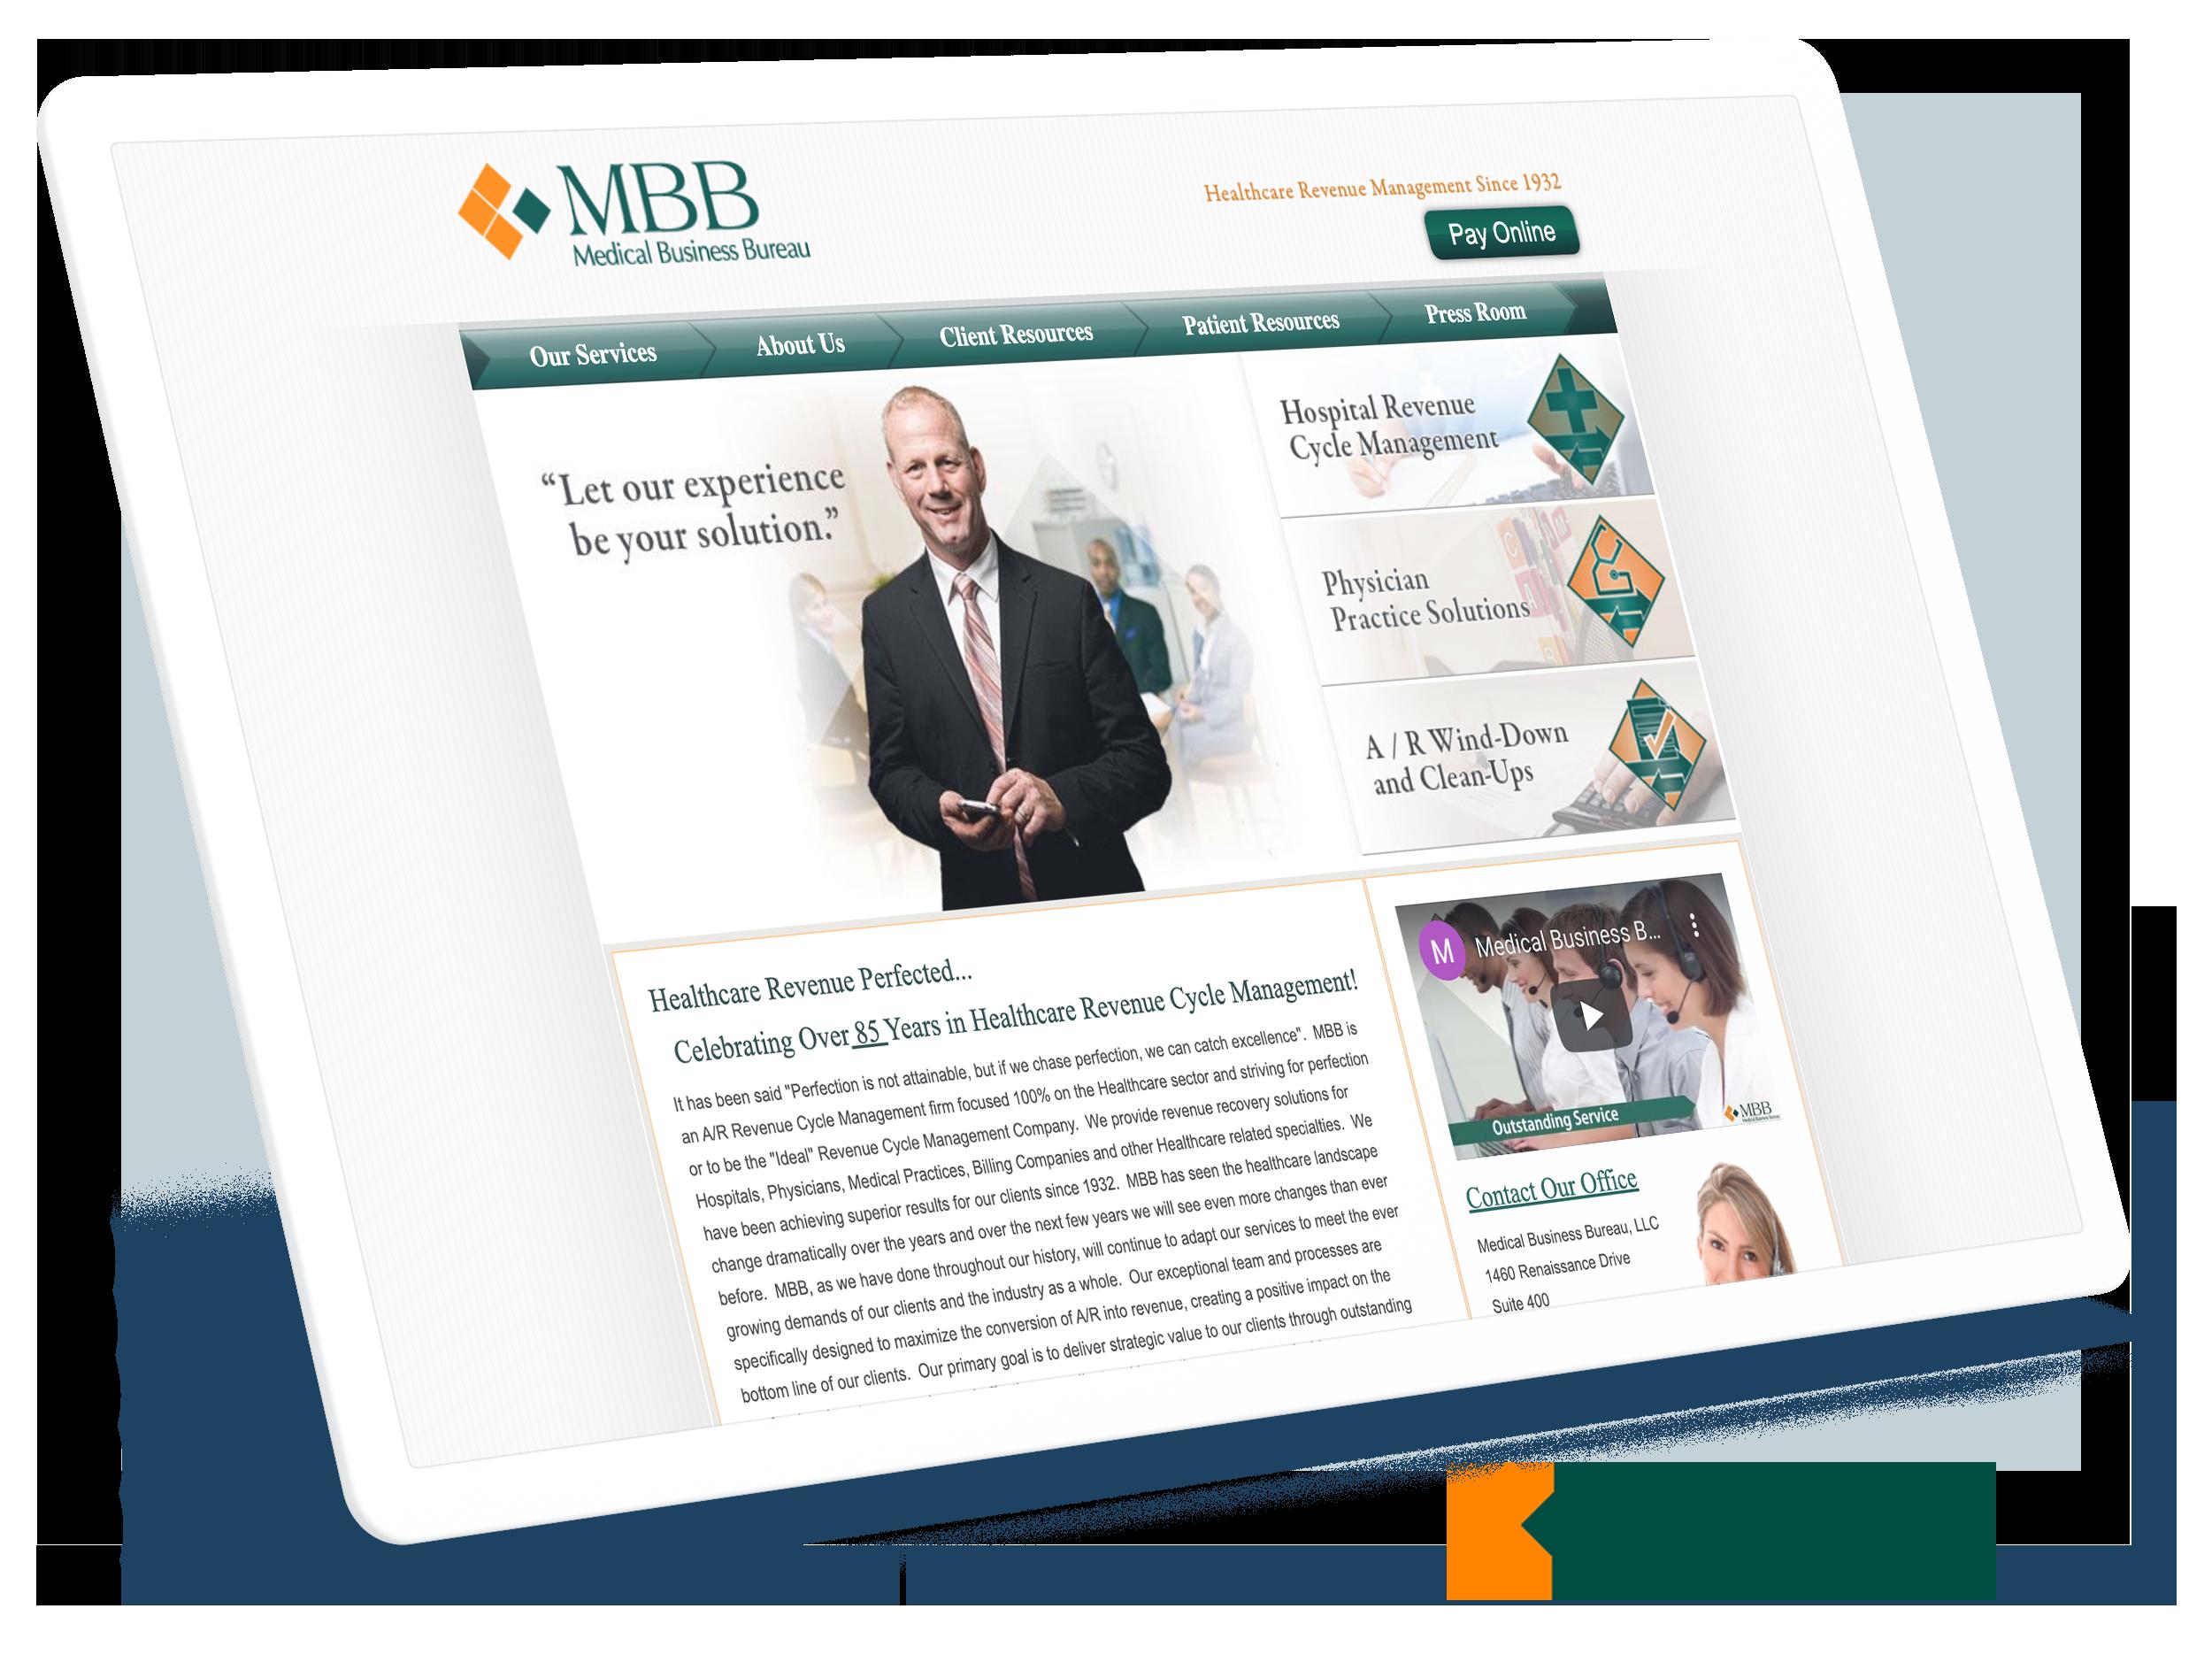 Medical_Business_Bureau_Spotlight